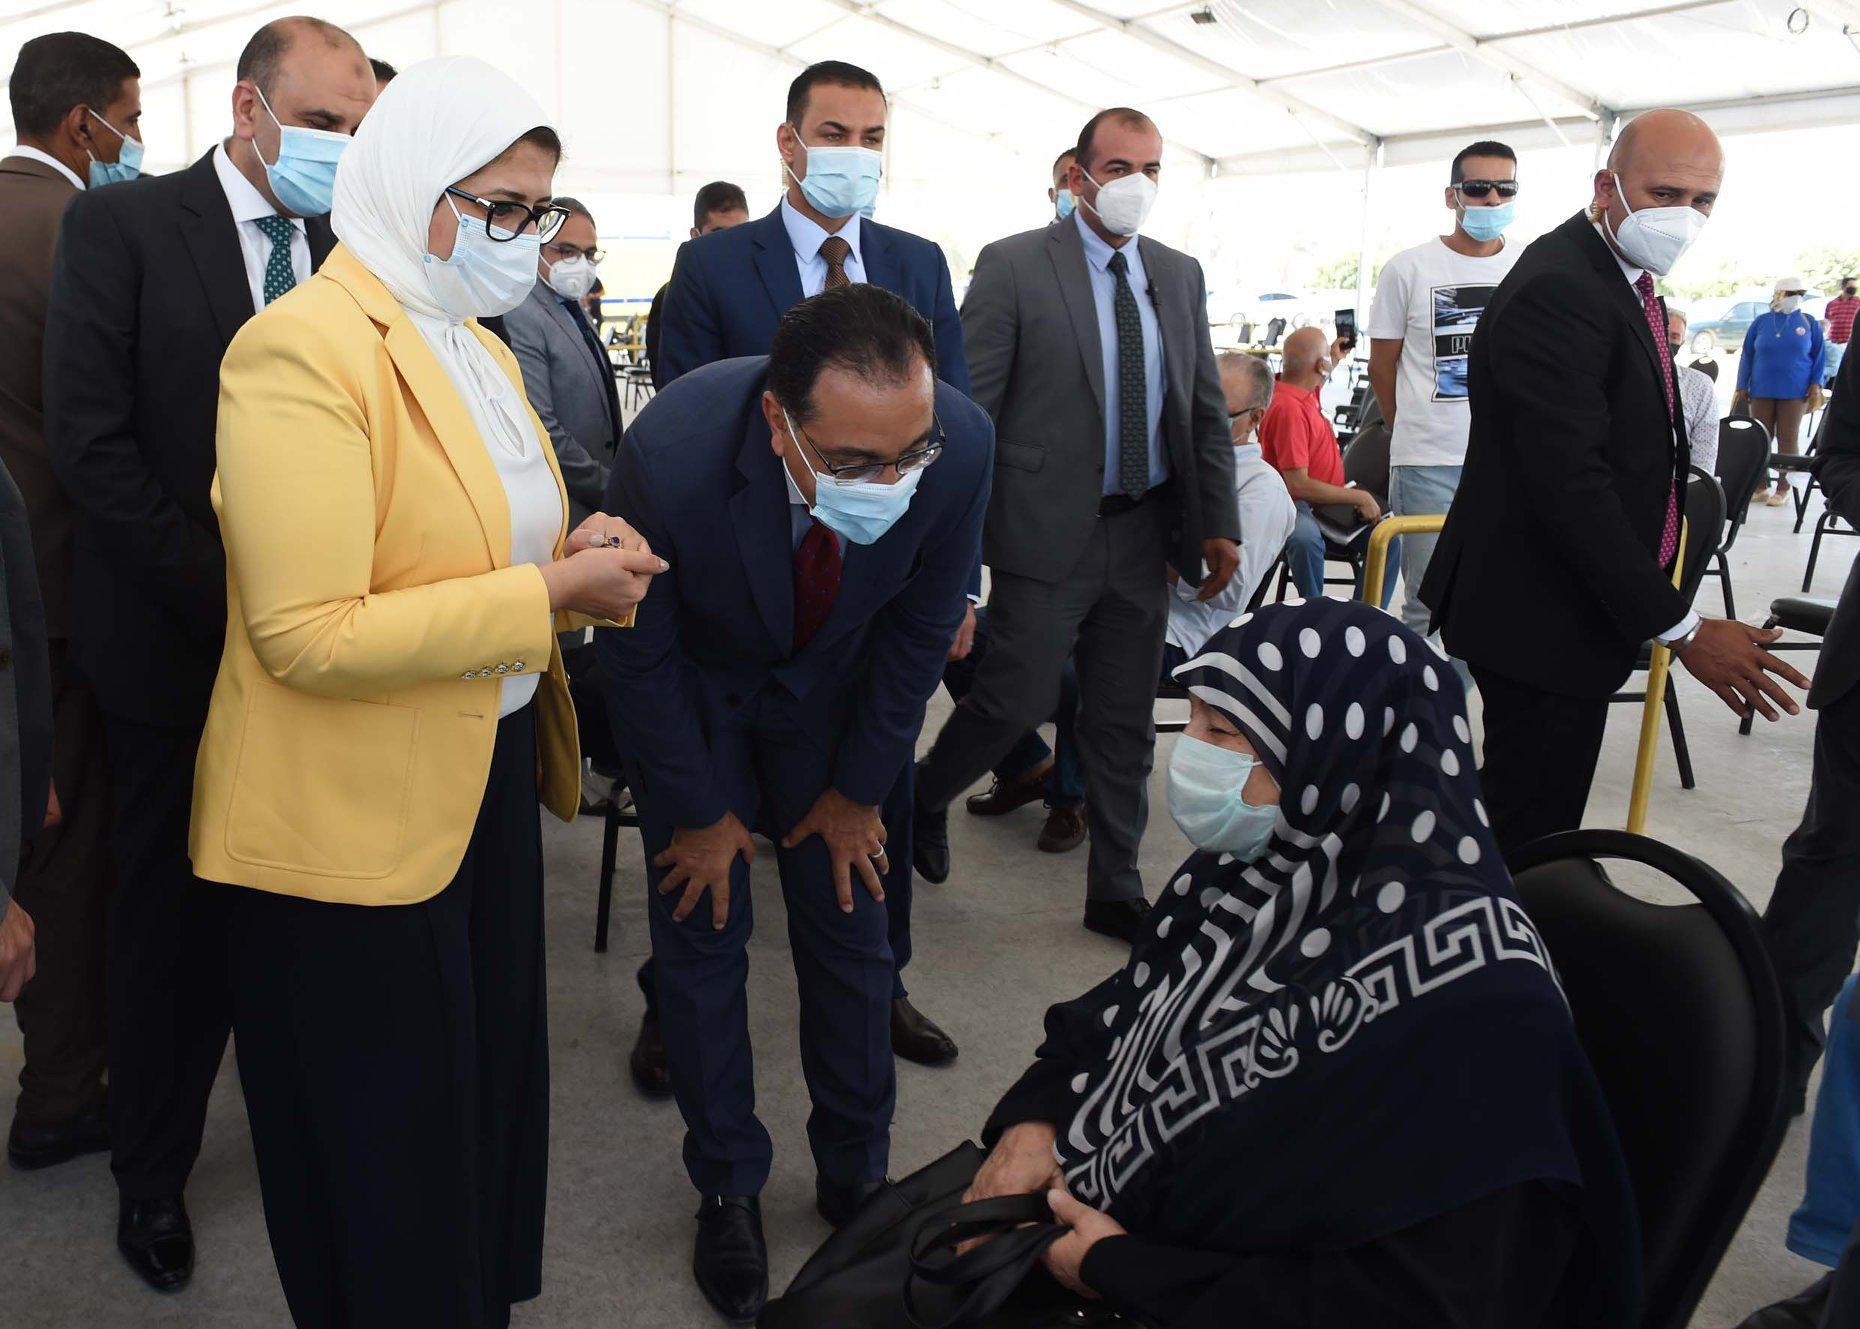 رئيس الوزراء يتفقد مركز لقاحات كورونا الرئيسي بأرض المعارض بمدينة نصر